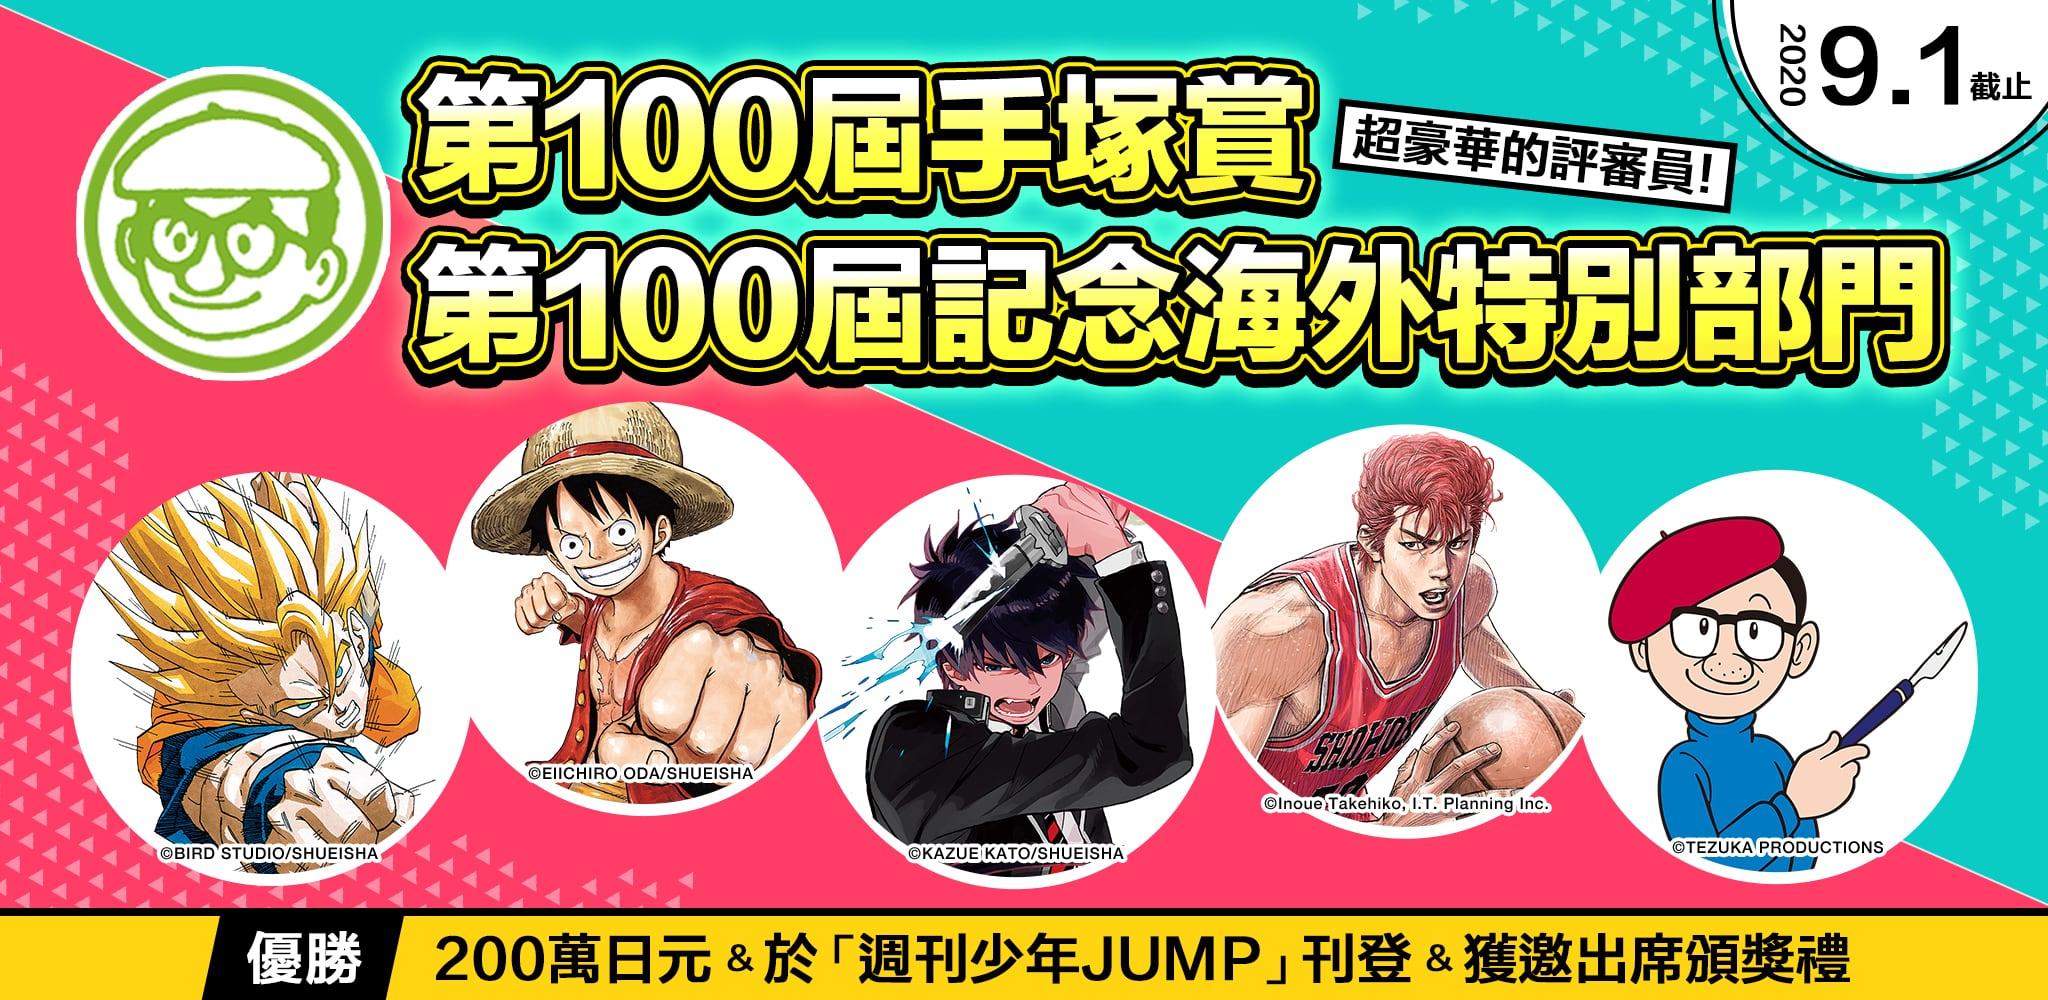 週刊少年JUMP舉辦「第100回手塚賞-100回記念海外特別部門」